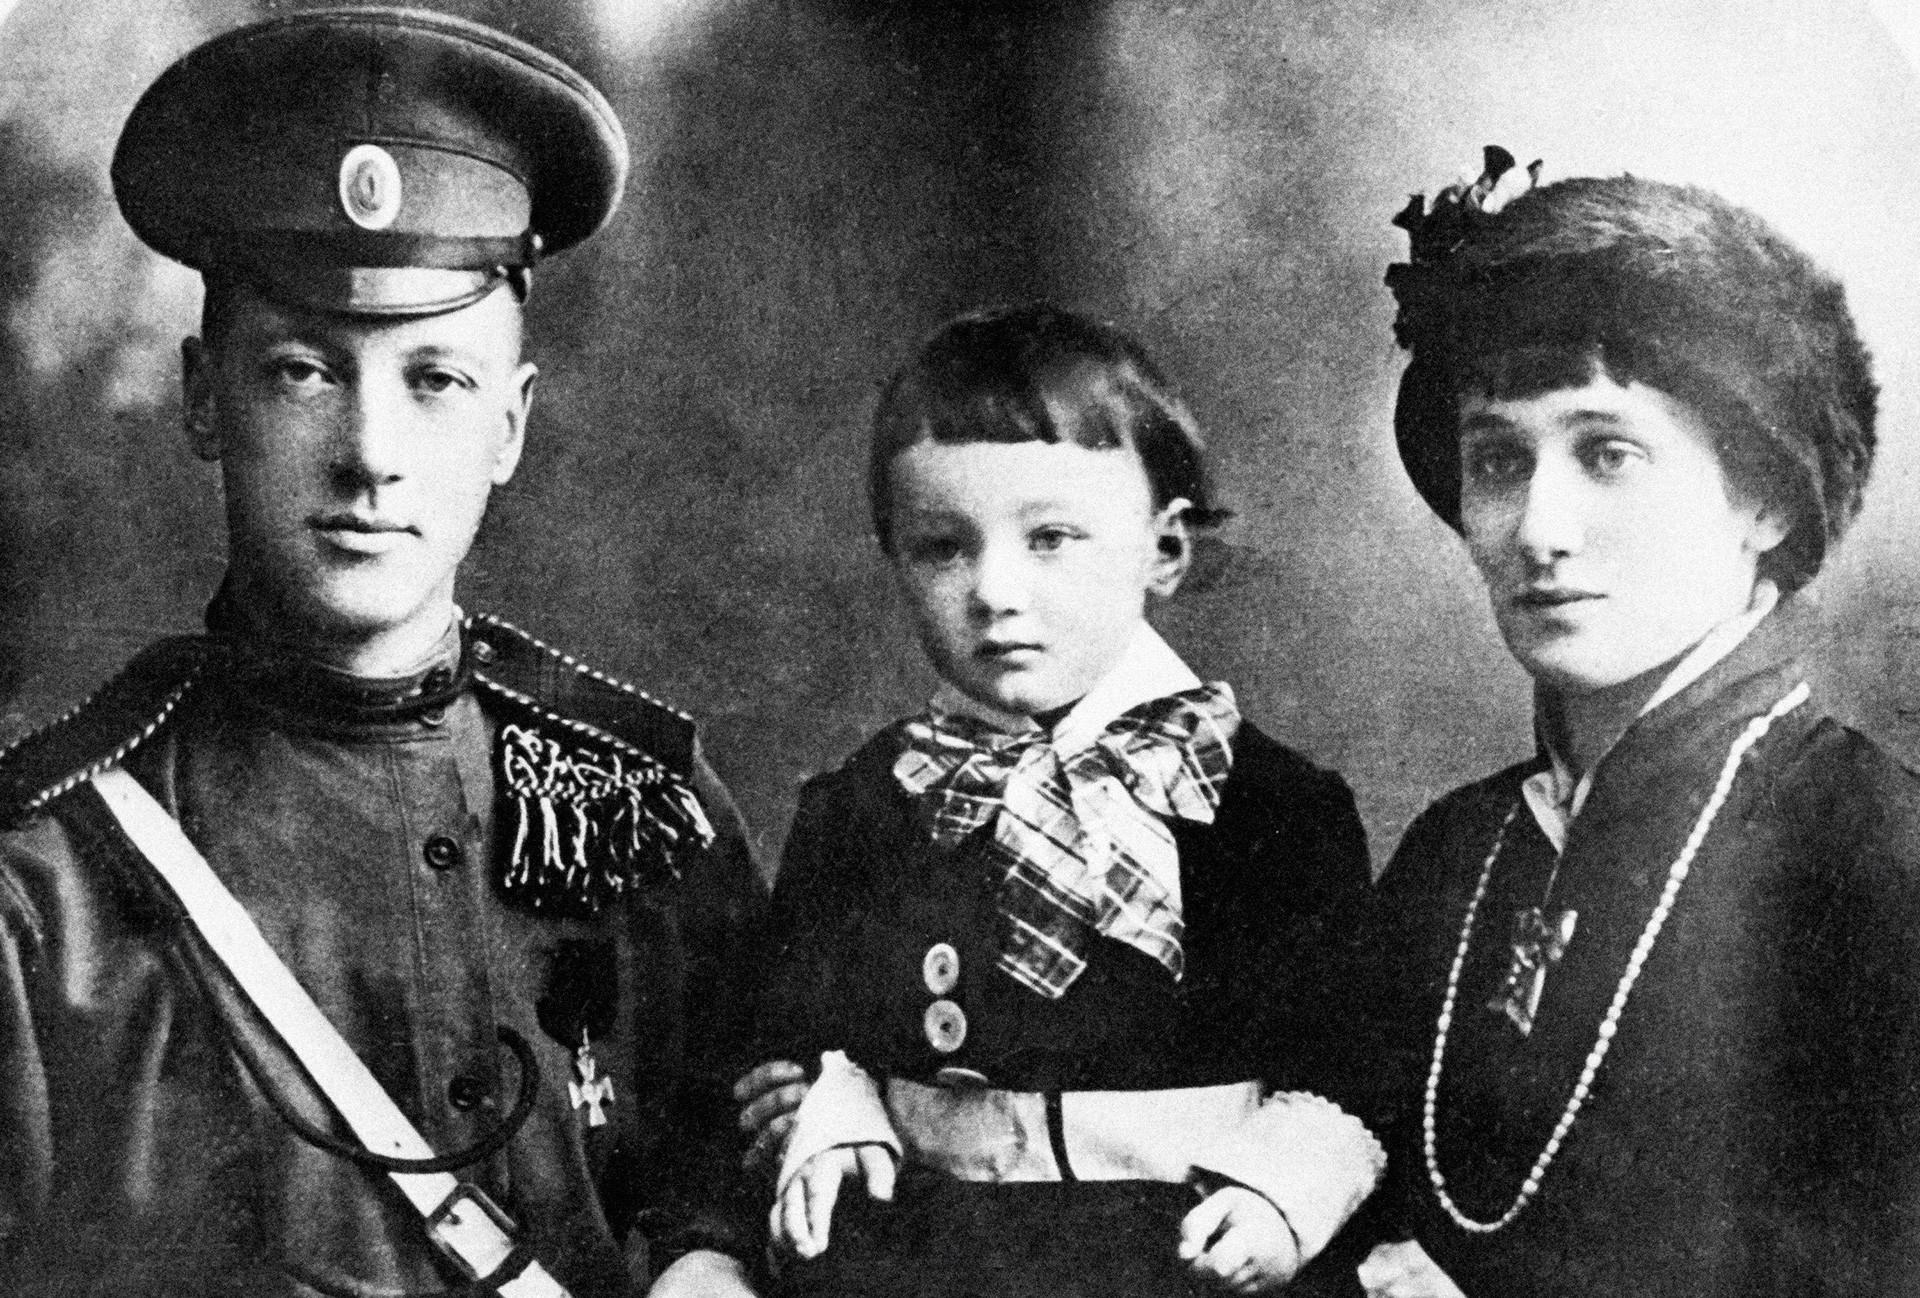 Pjesnici Nikolaj Gumiljov (lijevo) i Anna Ahmatova (desno) sa sinom Lavom.